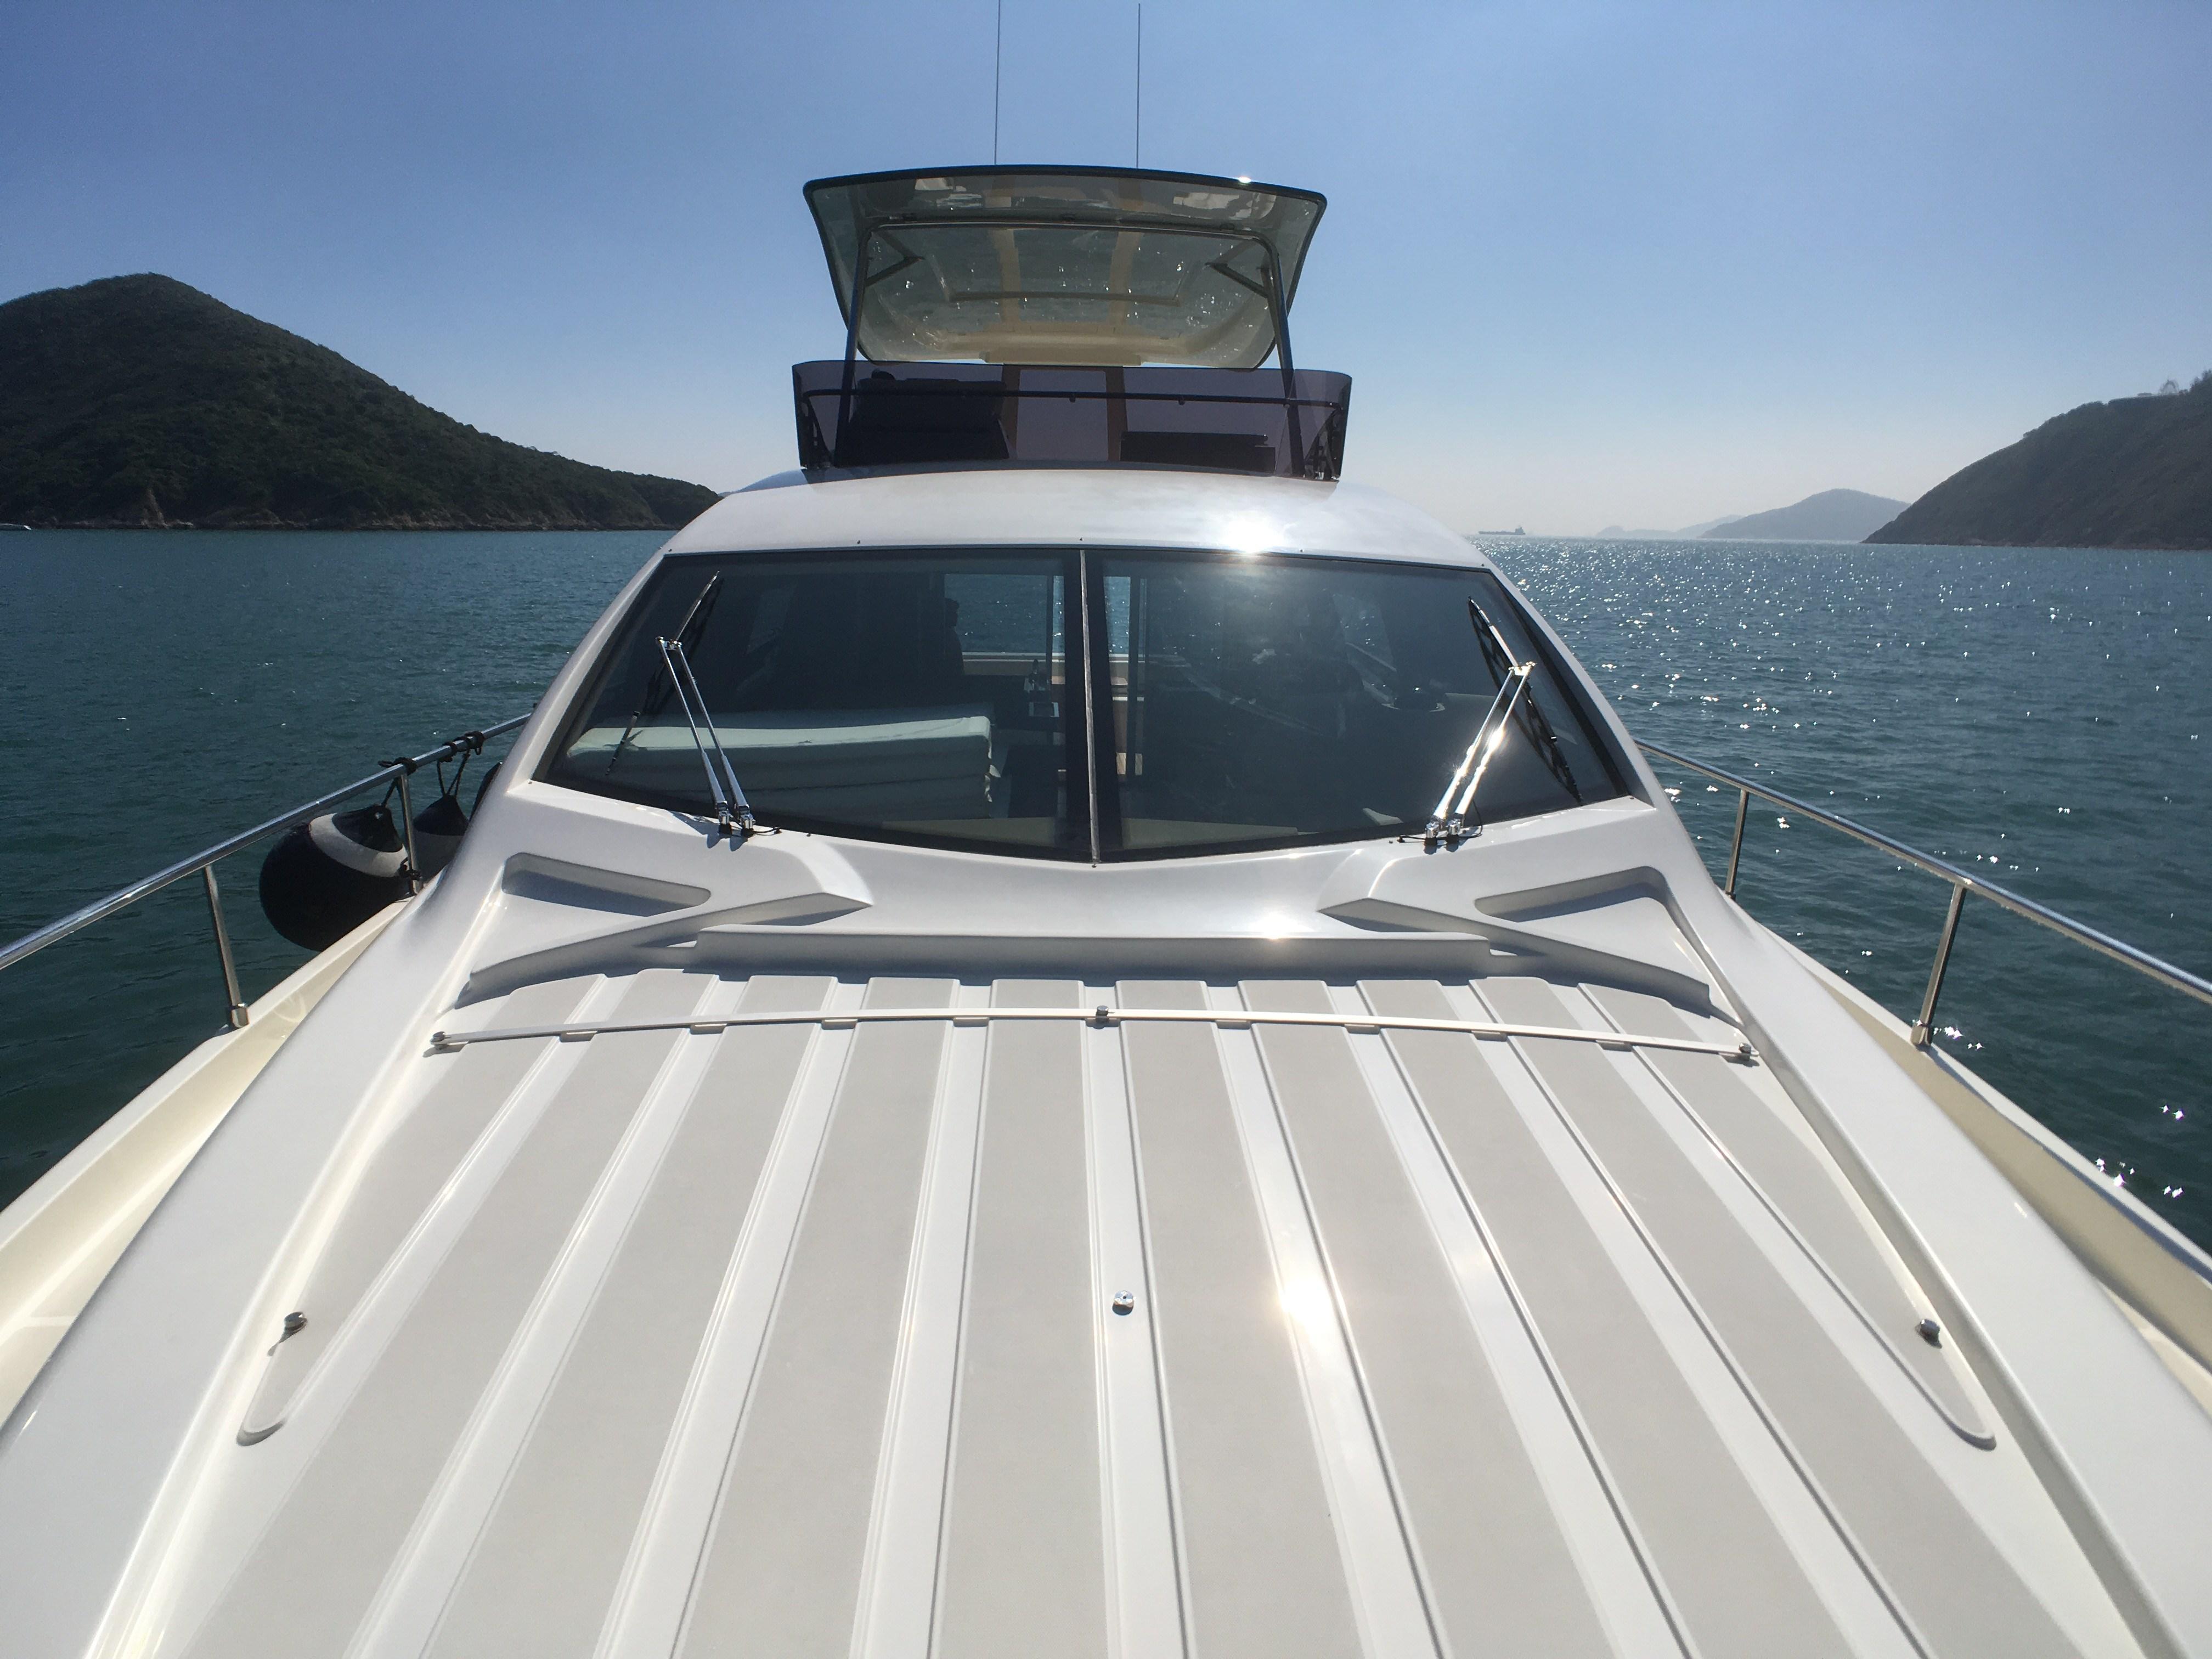 Ferretti 650 Bow